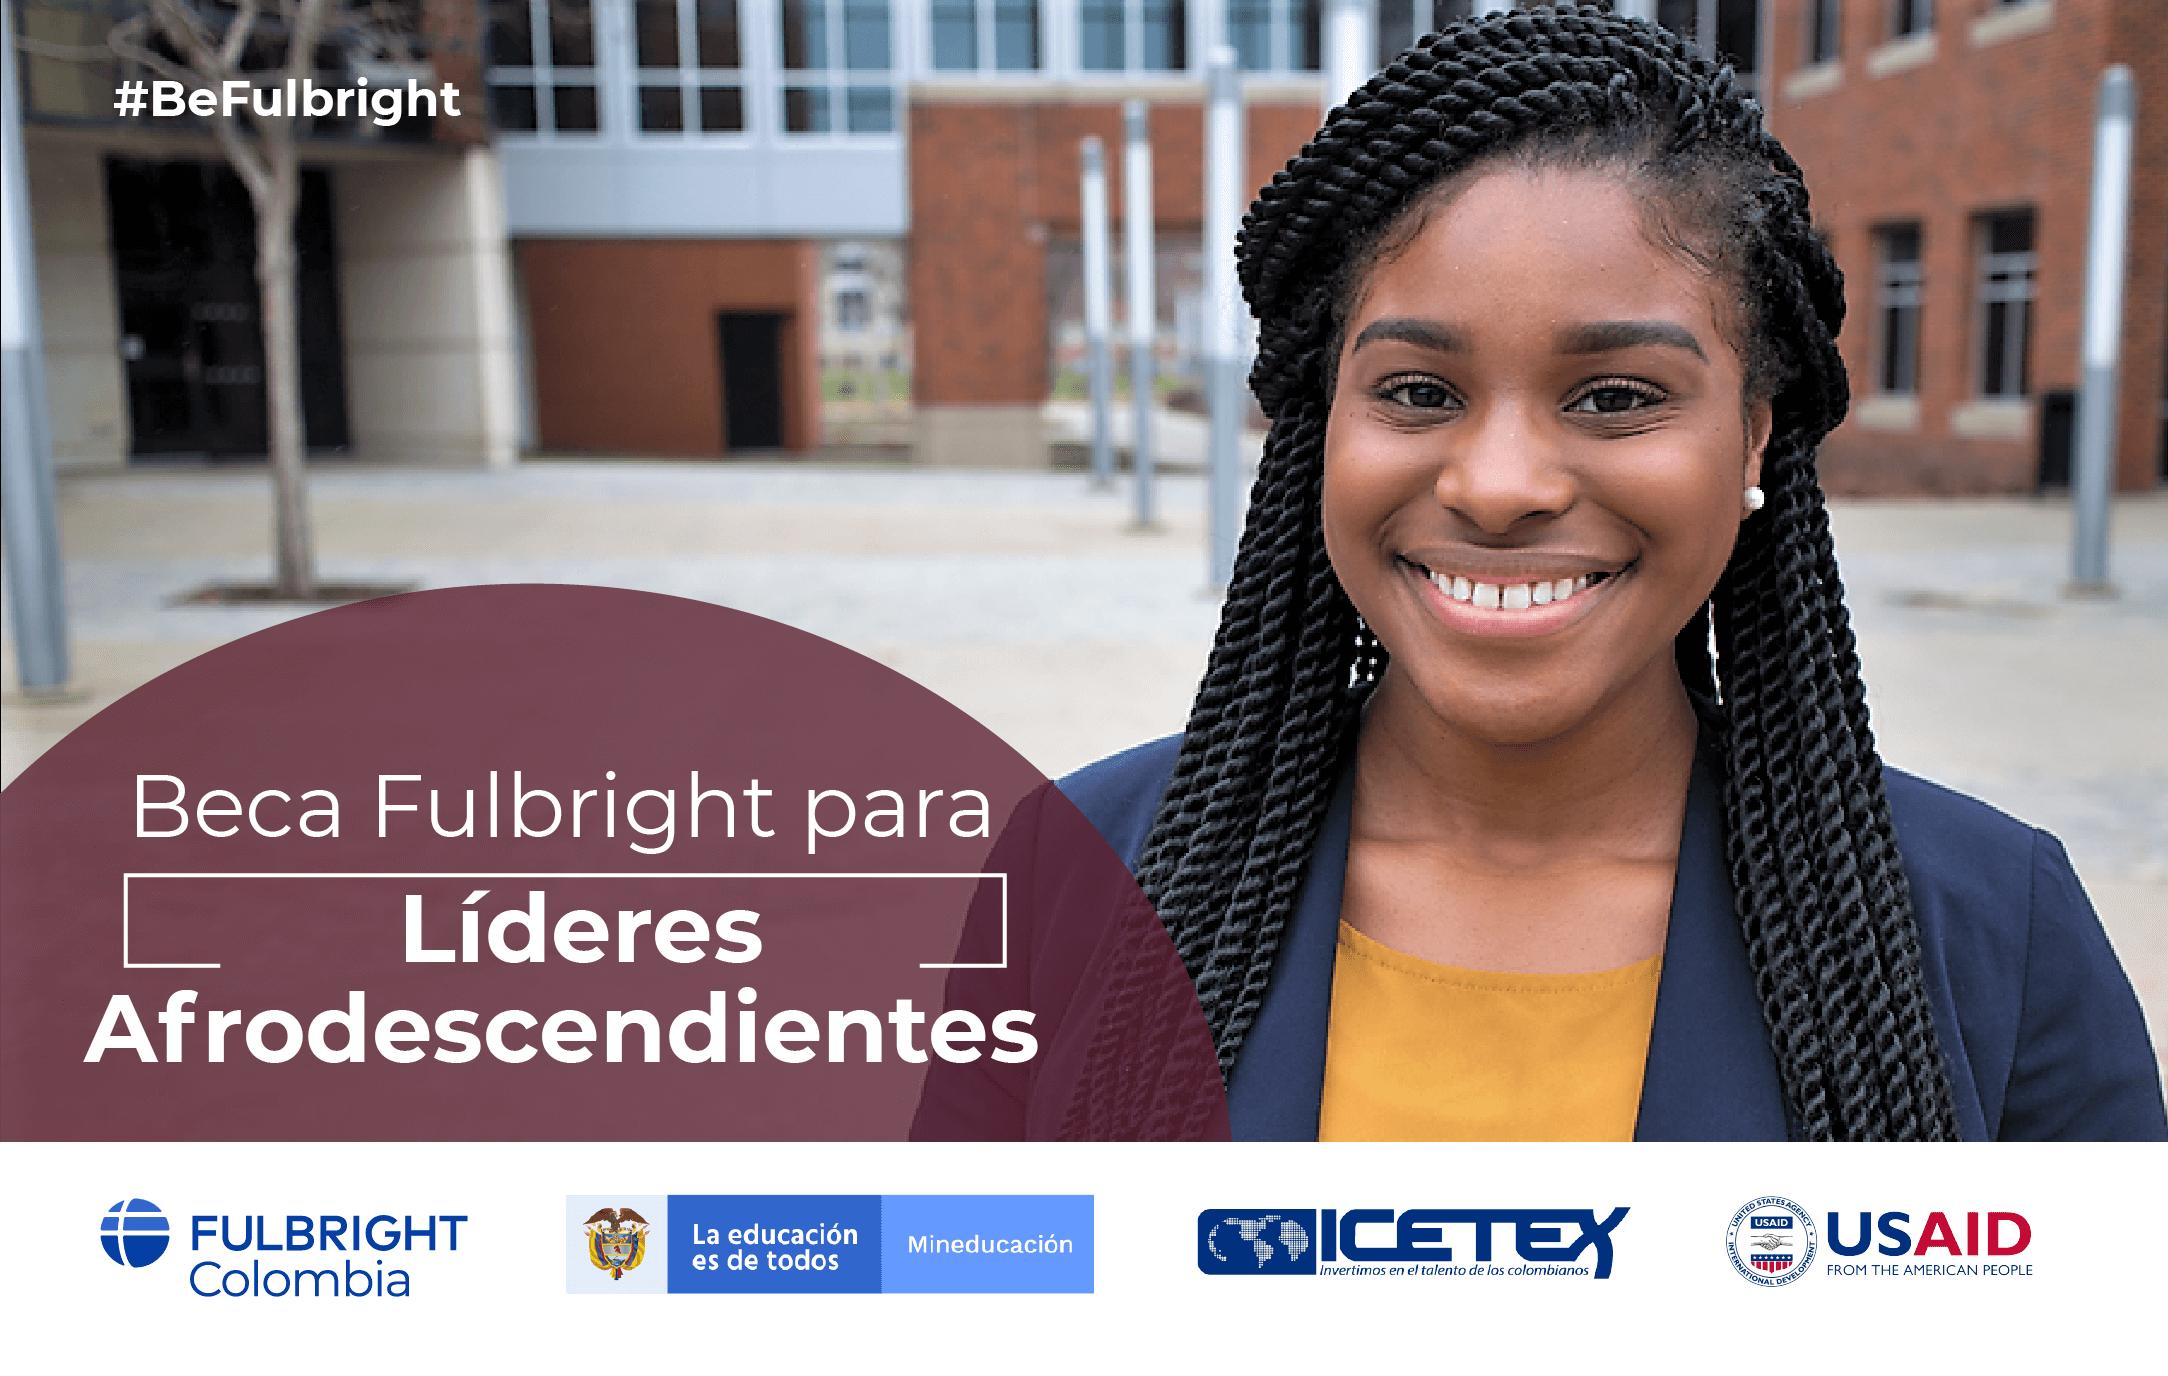 Beca Fulbright para líderes afrodescendientes 2020